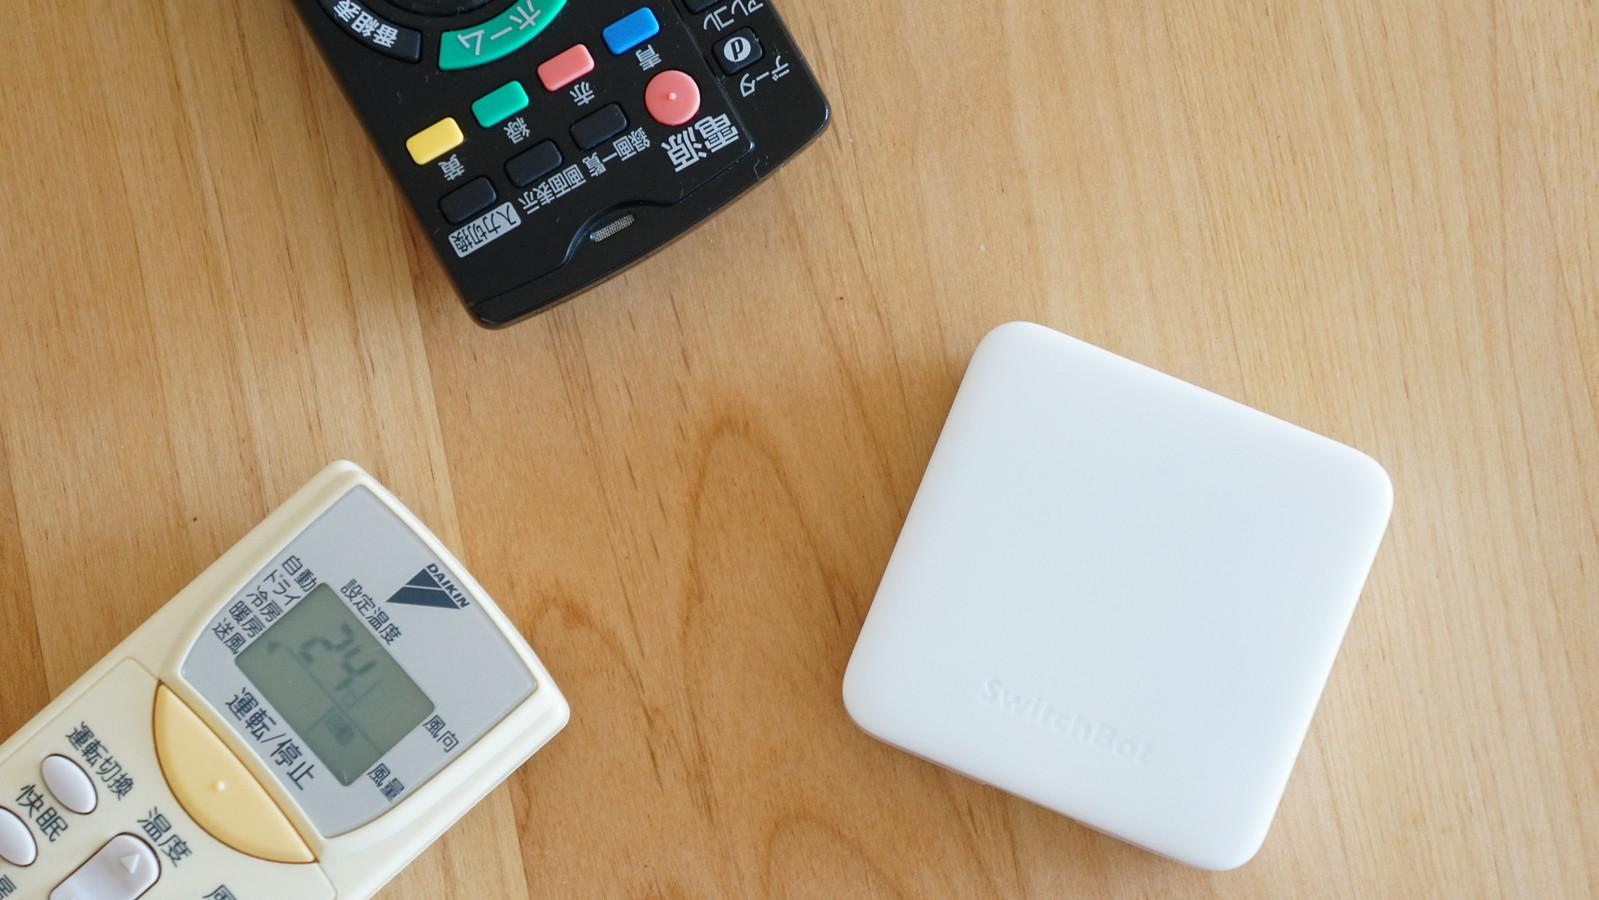 家電リモコンをスマホにまとめる「SwitchBotハブミニ」レビュー